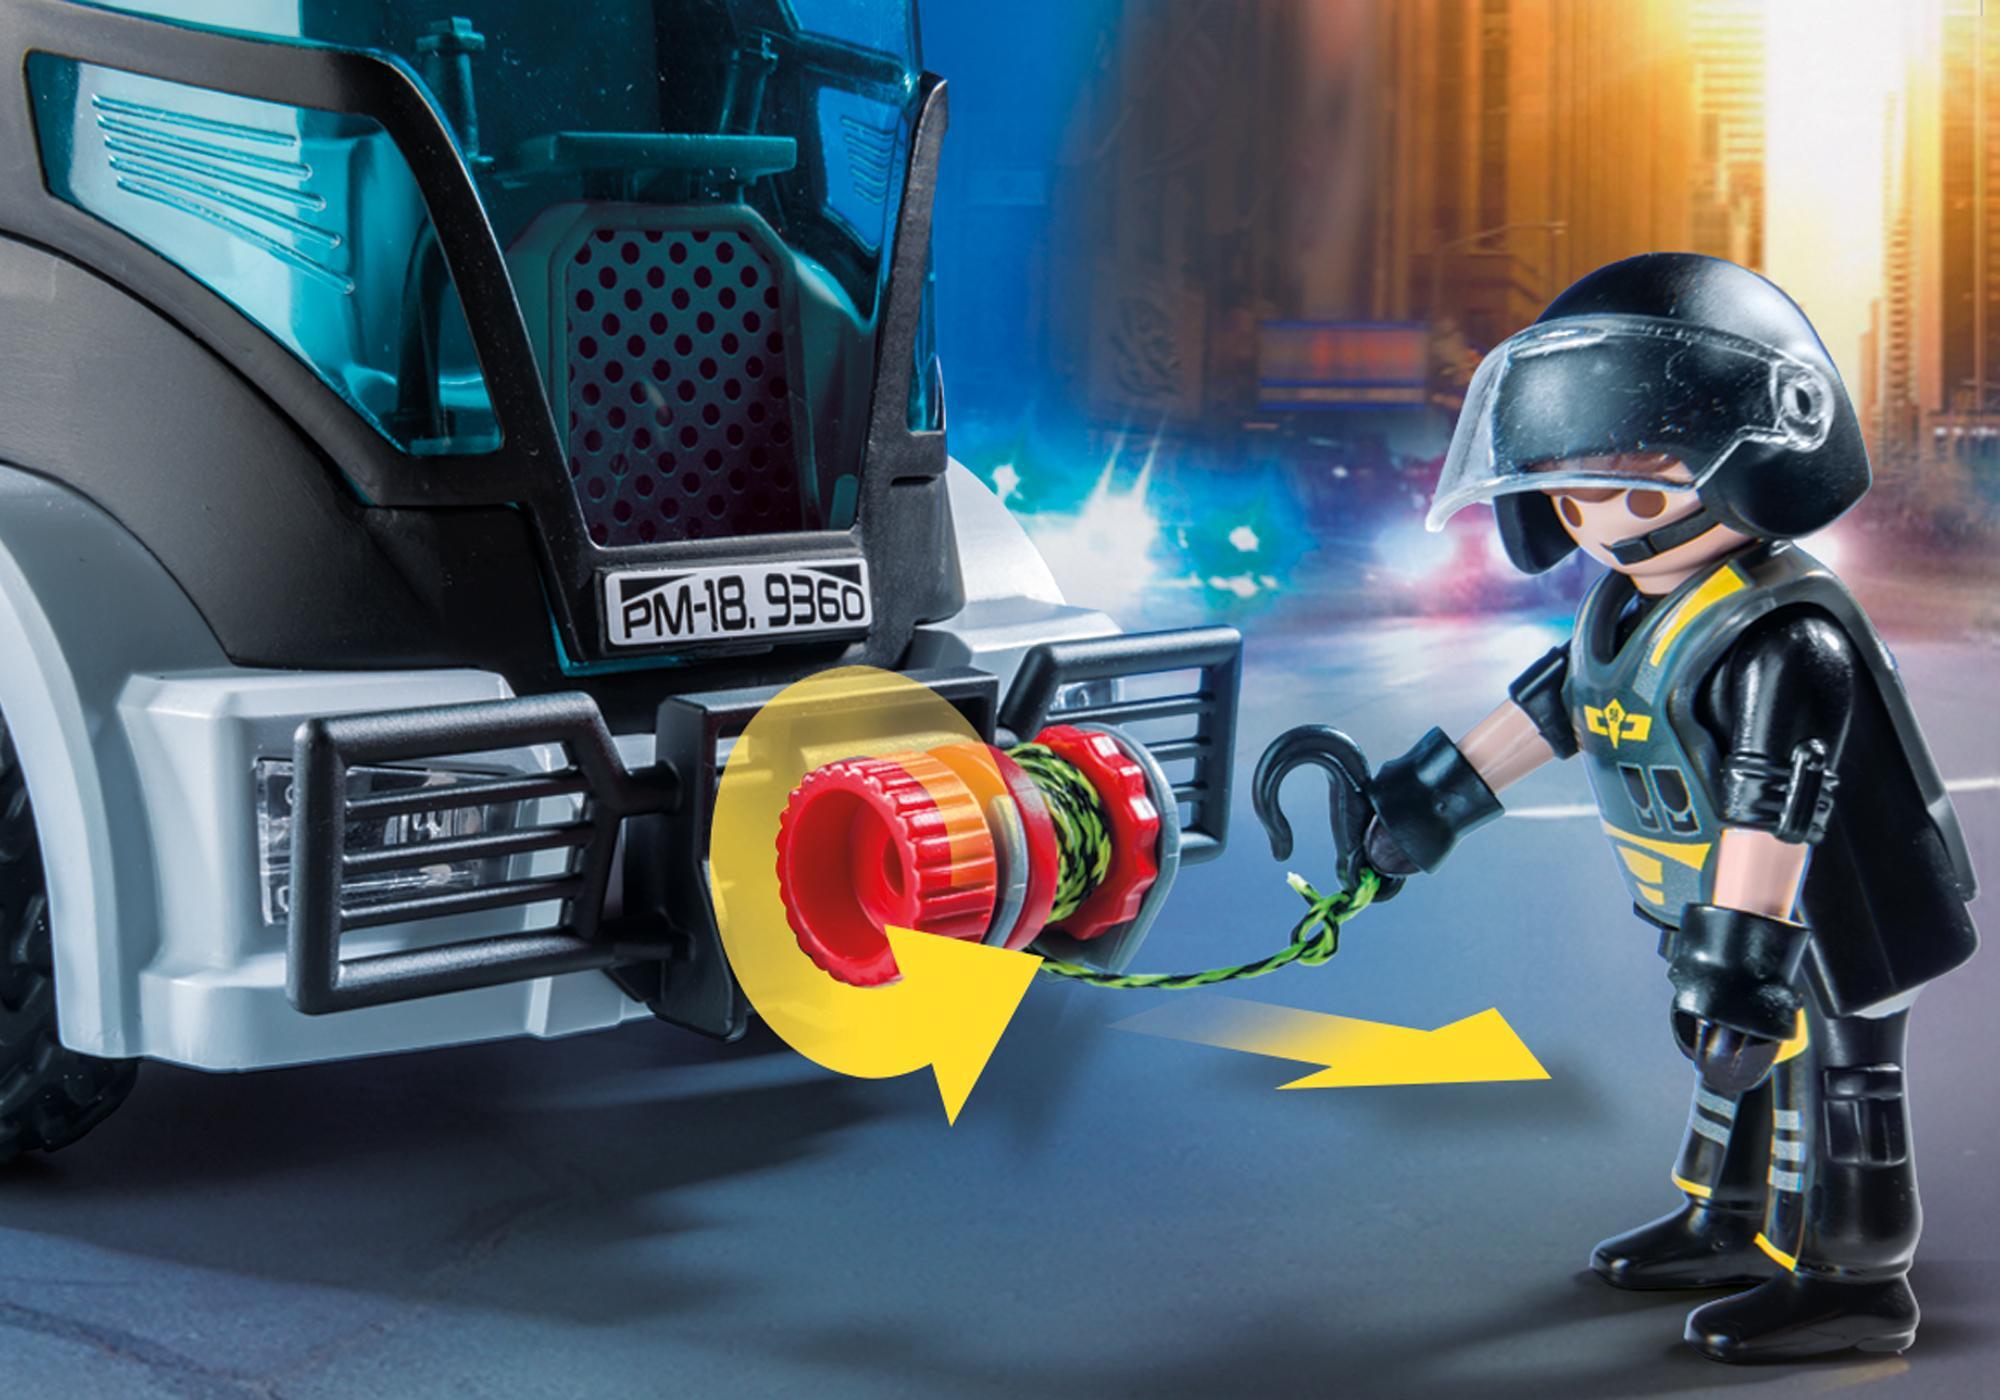 http://media.playmobil.com/i/playmobil/9360_product_extra2/SEK-truck med lys og lyd